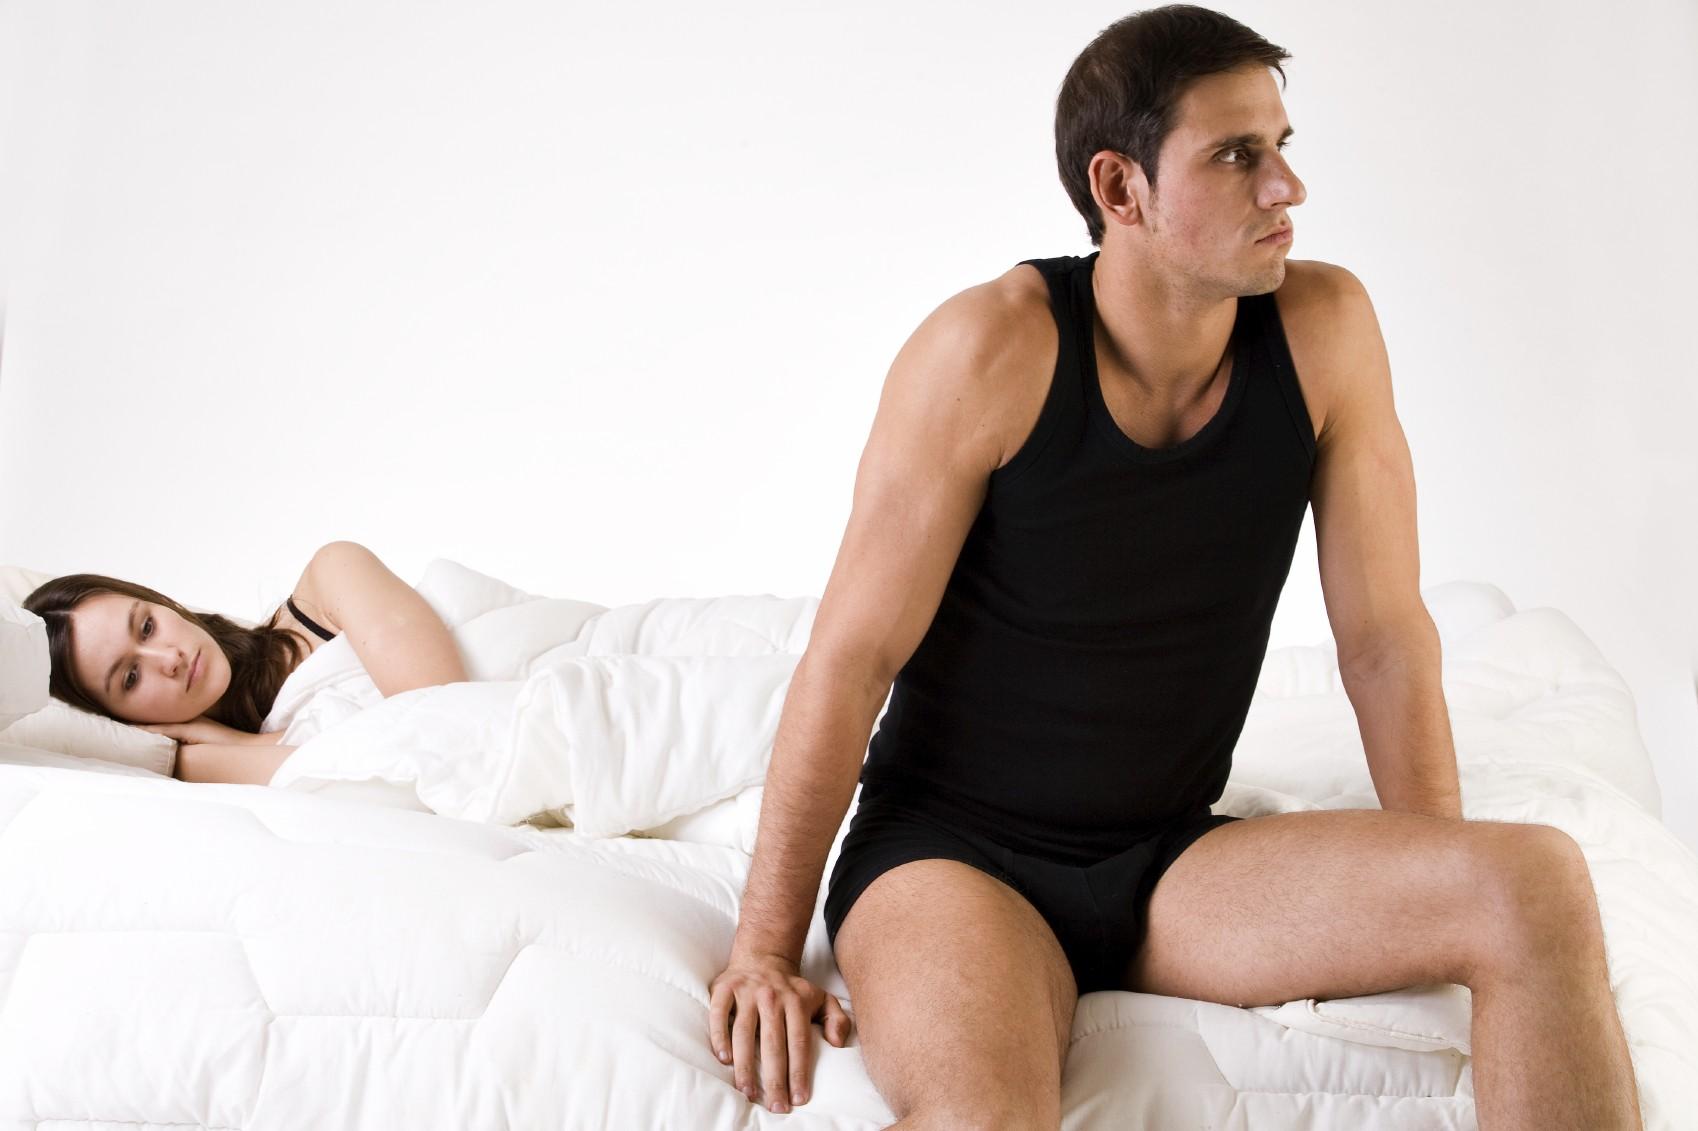 Σεξ αποχή σύντροφος: Έξι λόγοι που ο σύντροφός σας δεν θέλει να κάνετε έρωτα